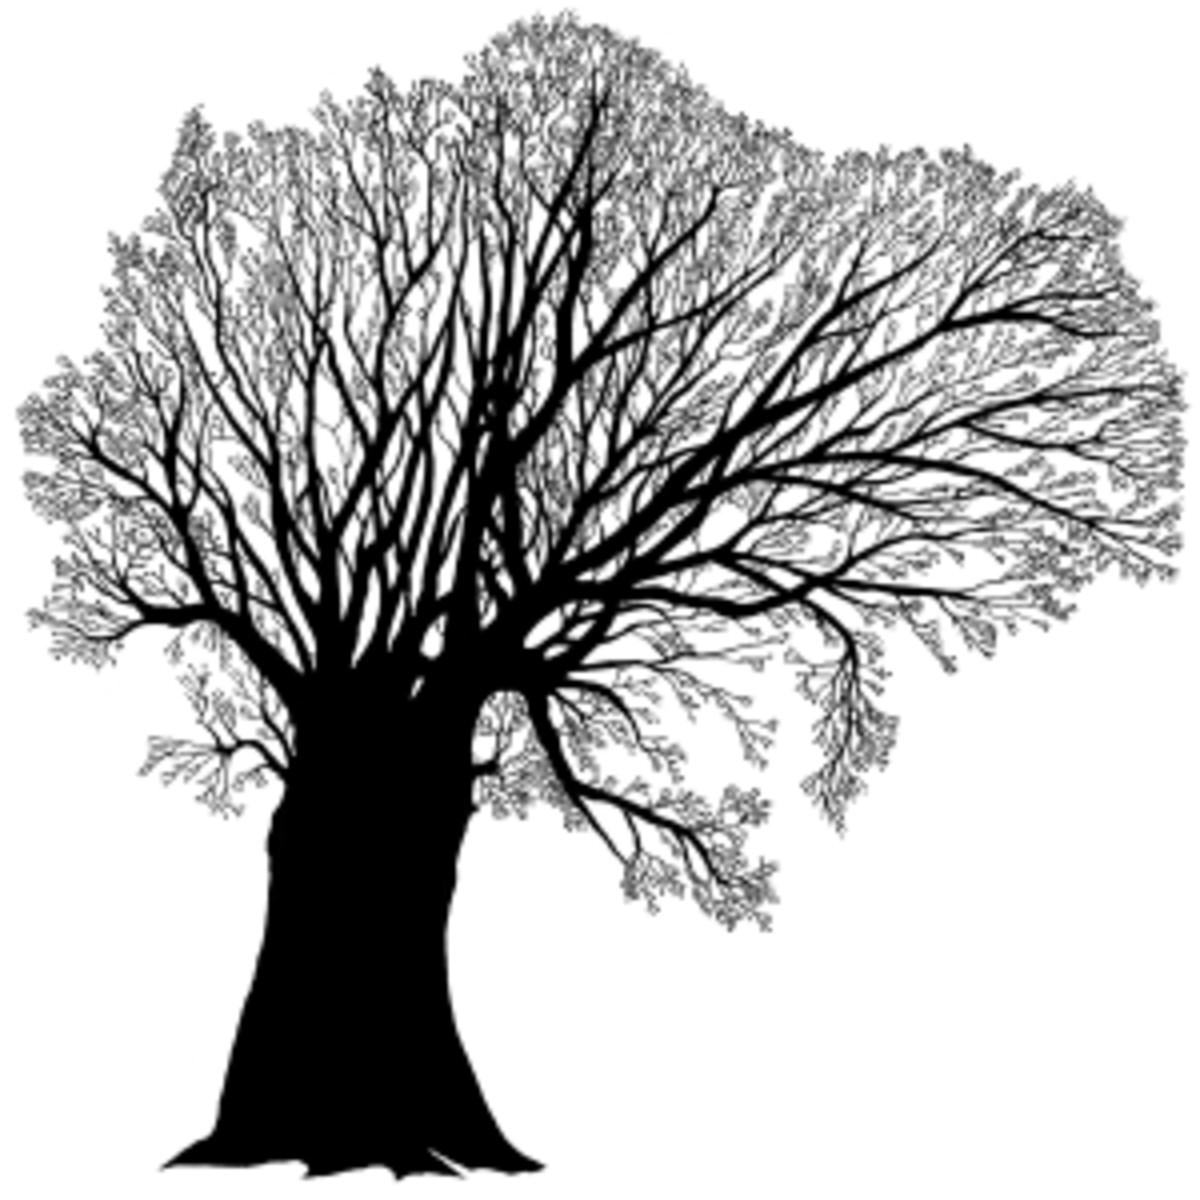 Oak Tree Nearing Winter